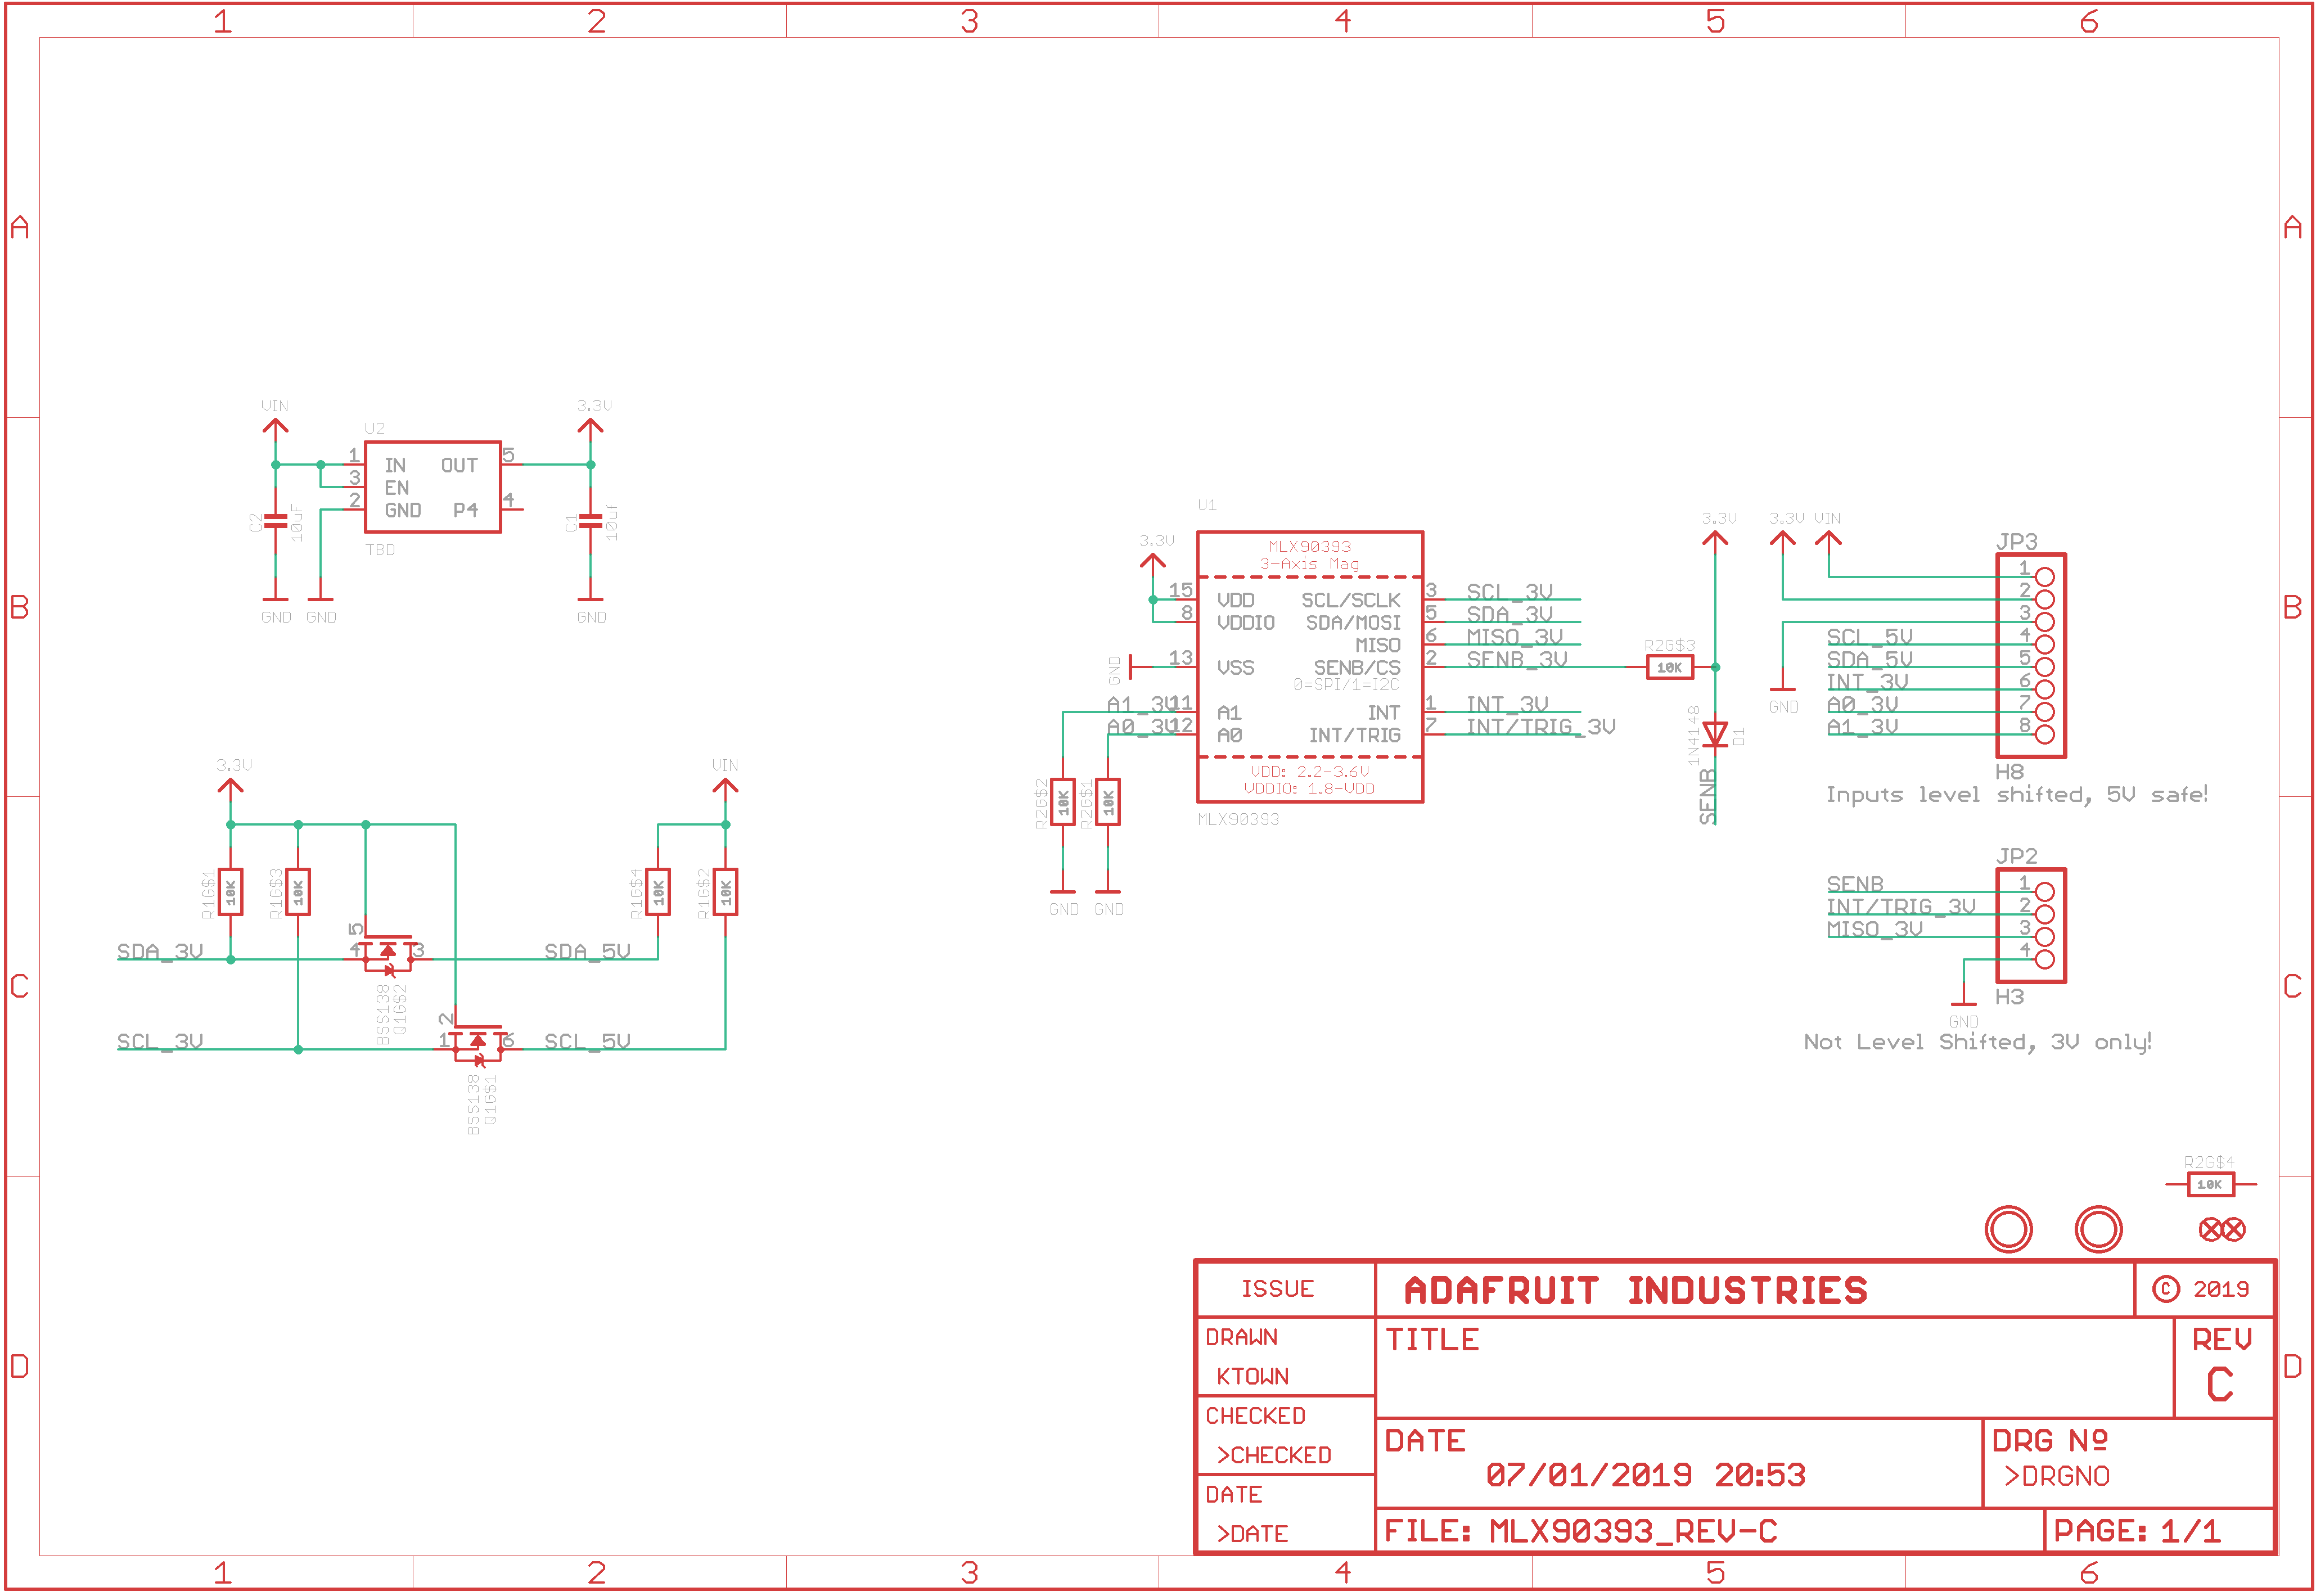 sensors_MLC90303_REV-C_Schematic.png